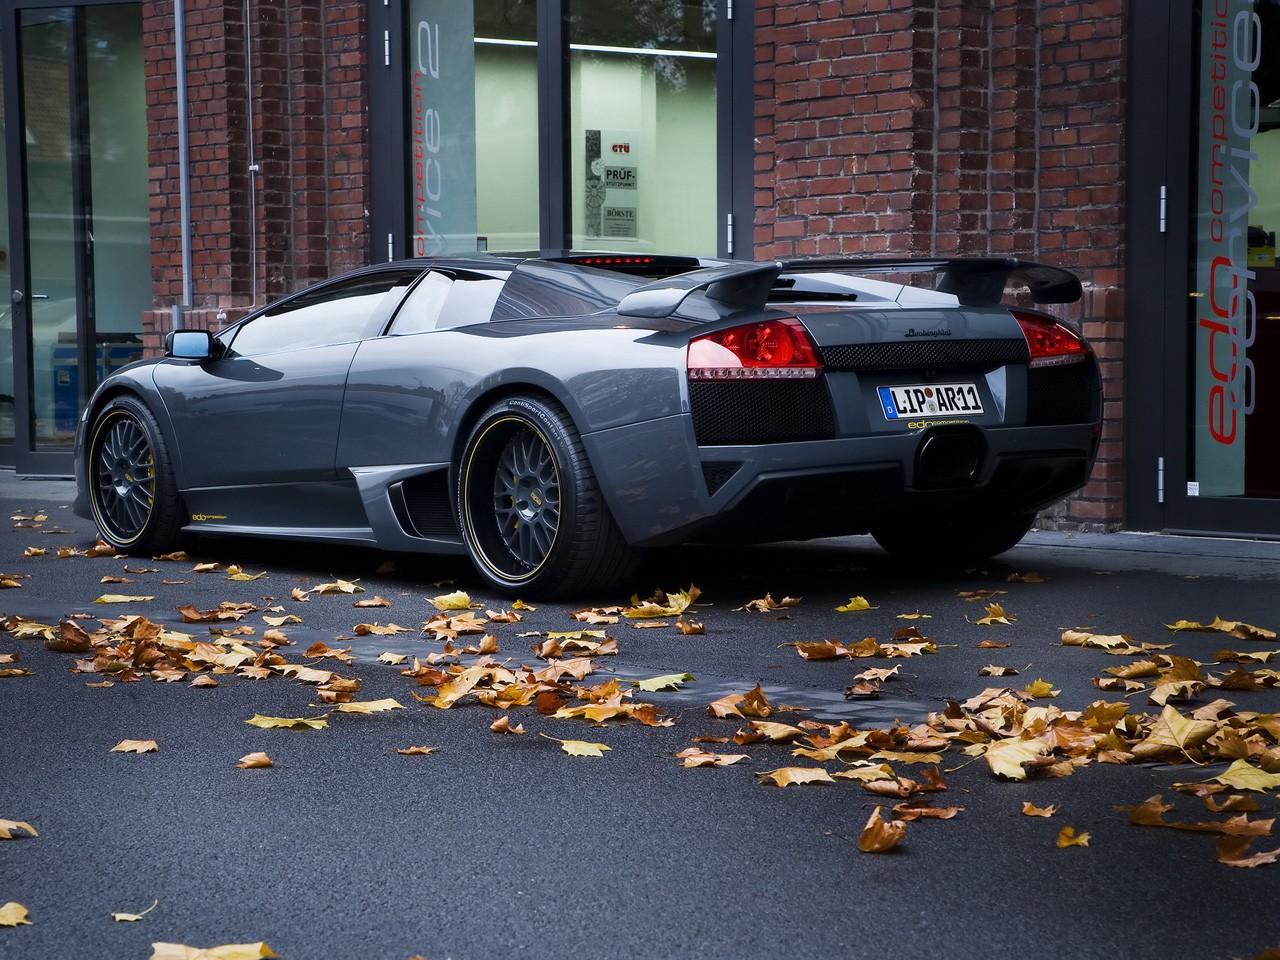 2008 Edo Competition Lamborghini Murcielago lp640 Versione Nardo Driver